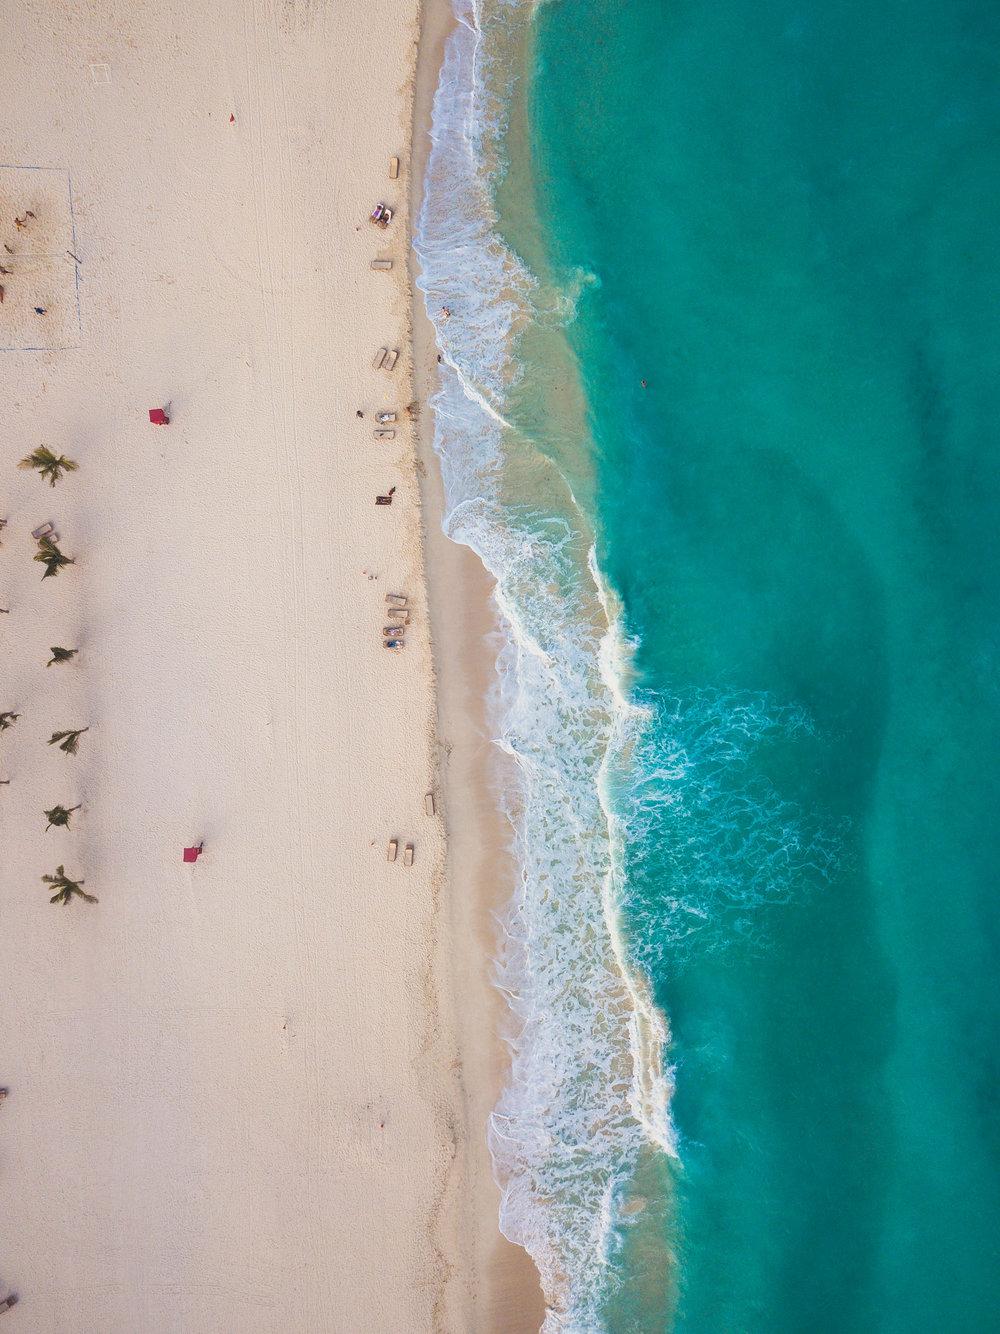 Cancún - Abril y Mayo son los meses perfectos para visitar la Riviera Maya. Con costos hasta un 35% más económicos que en verano o navidades, también evitarás el riesgo de huracanes catastróficos que dañen tus vacaciones. Aunque agosto-octubre son relativamente económicos, el riesgo de que te cancelen las vacaciones por el impacto de un fenómeno atmosférico es alto.